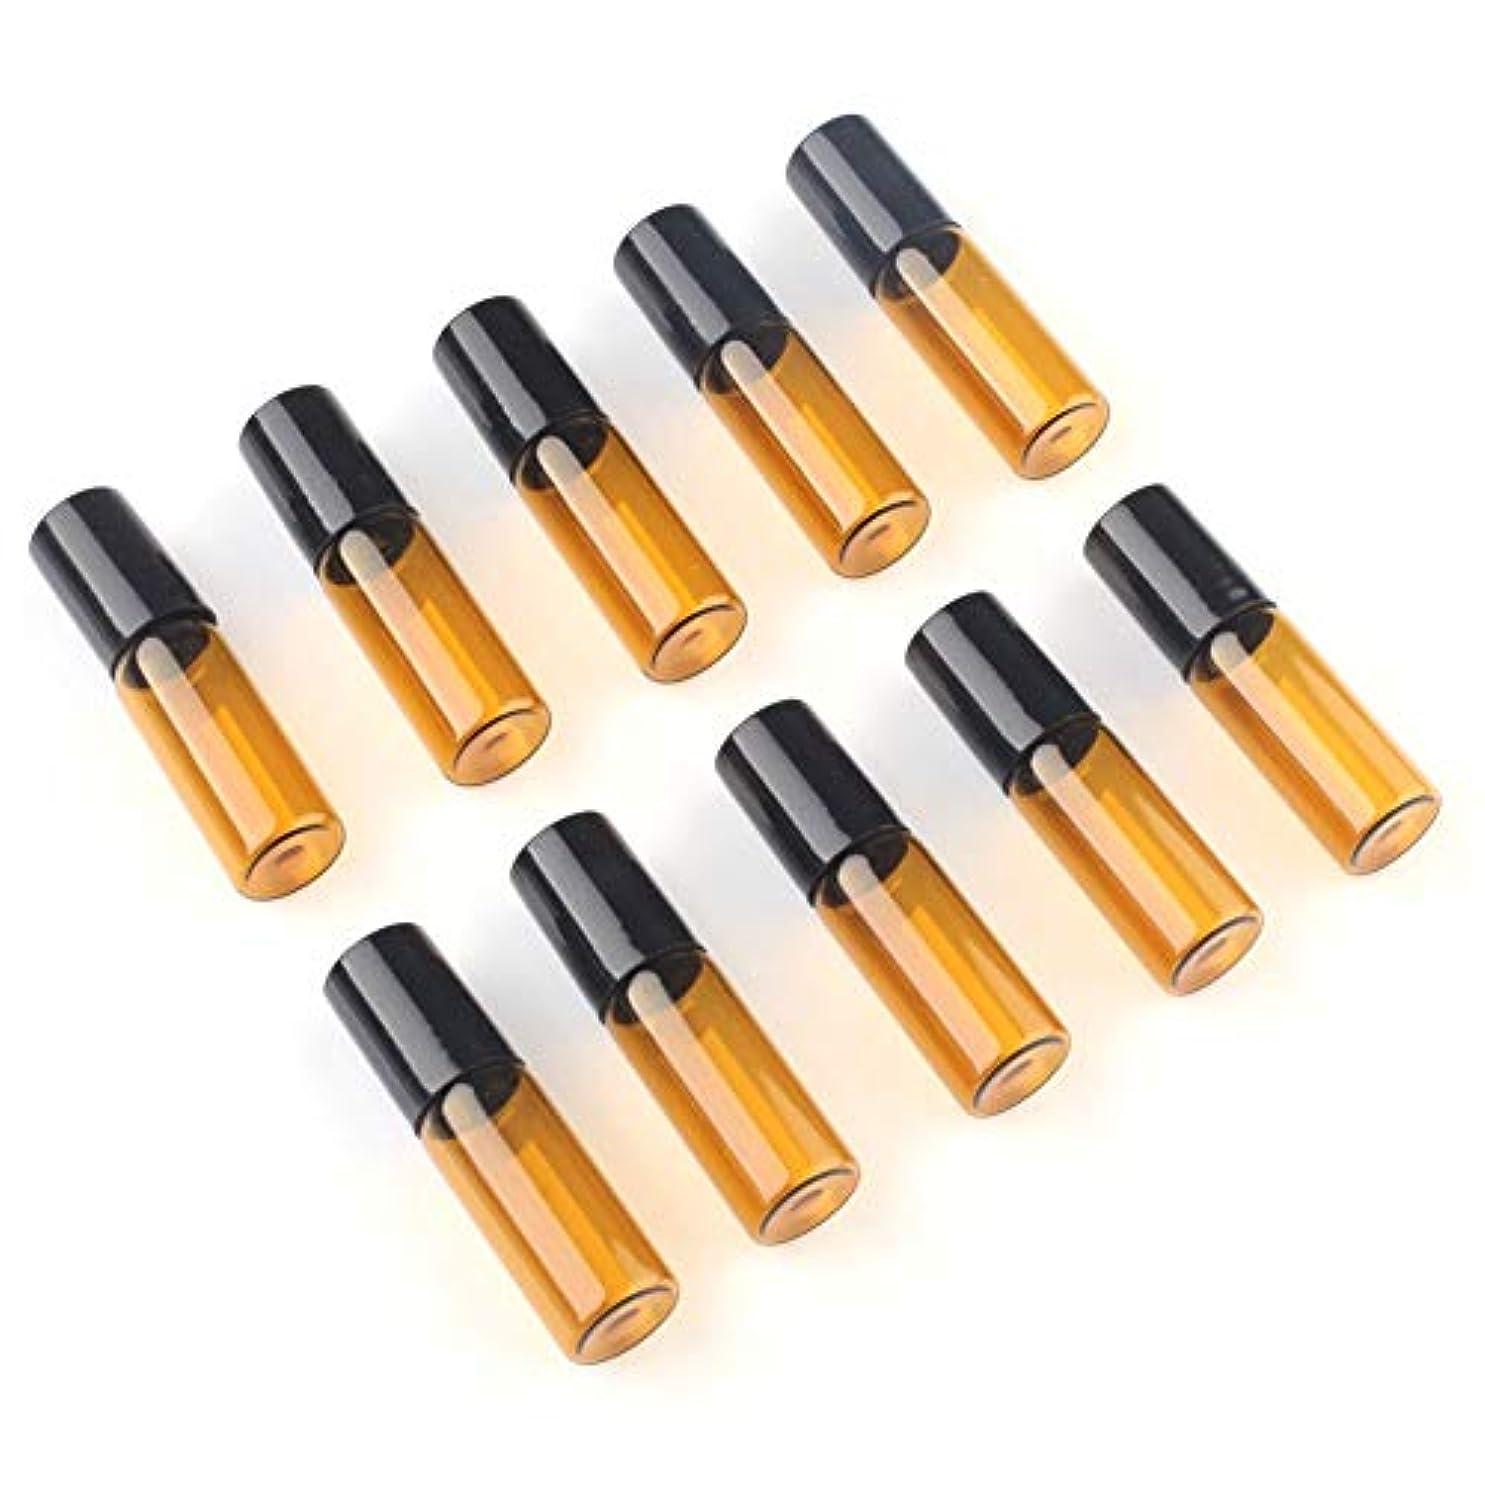 プレビスサイト殺しますバウンスアロマオイル 精油 小分け用 遮光瓶 10本セット (5ml)